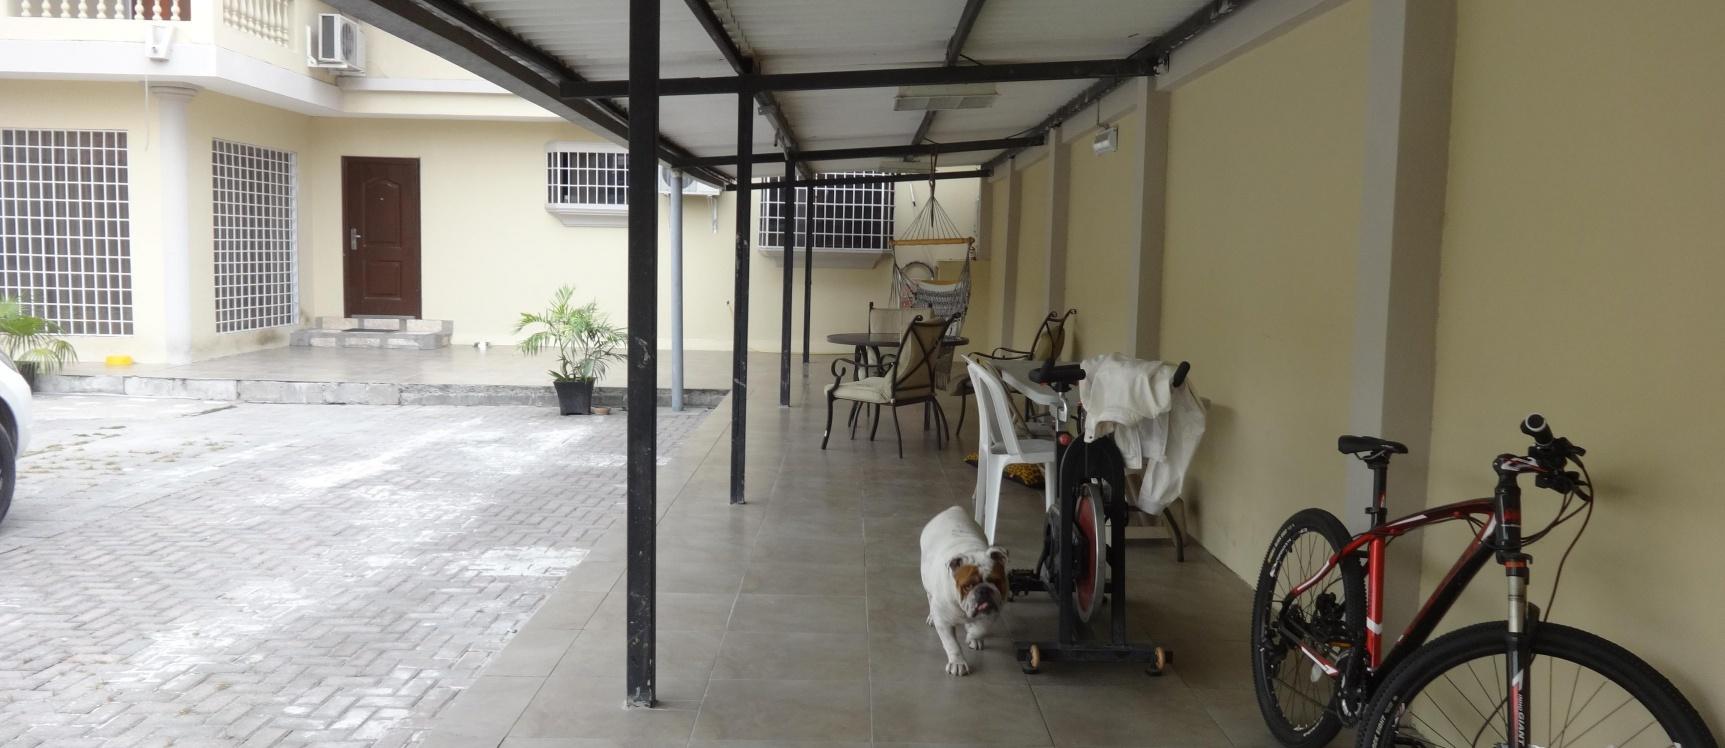 GeoBienes - Vendo Casa en Santa Cecilia - Ceibos, Guayaquil - Plusvalia Guayaquil Casas de venta y alquiler Inmobiliaria Ecuador